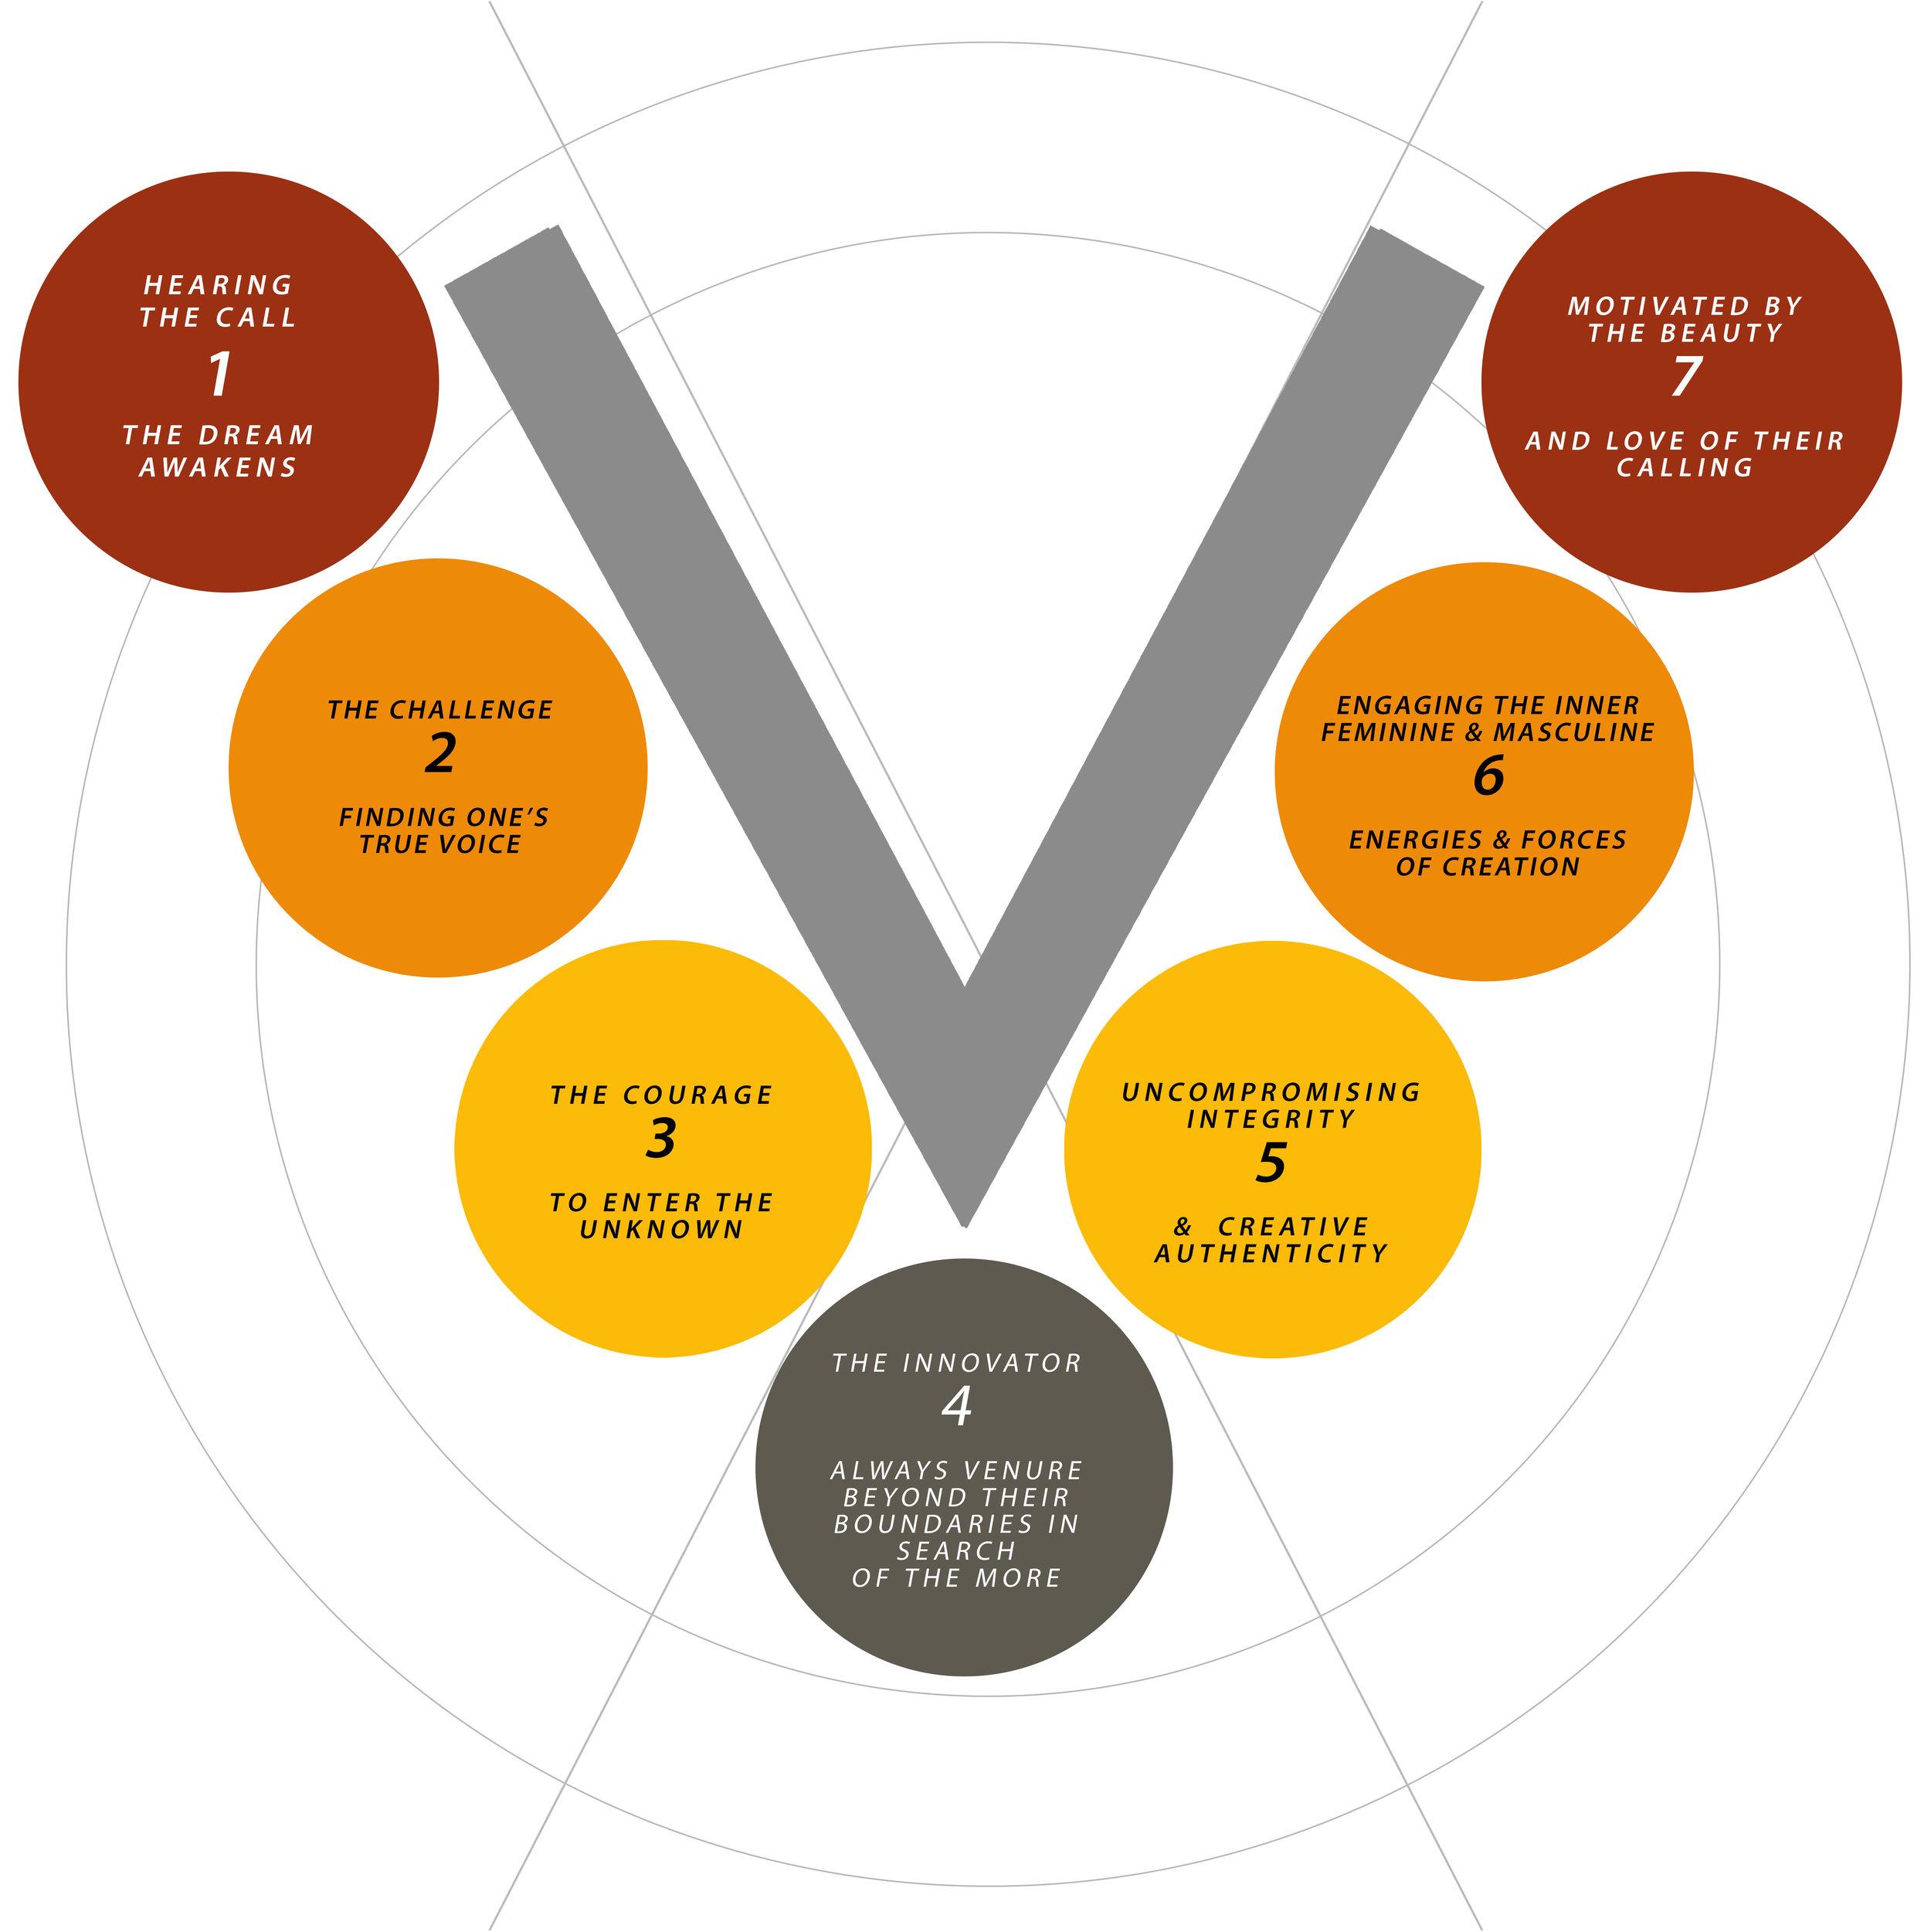 BOUNDARY DWELLER Diagram ImageOnly.jpg